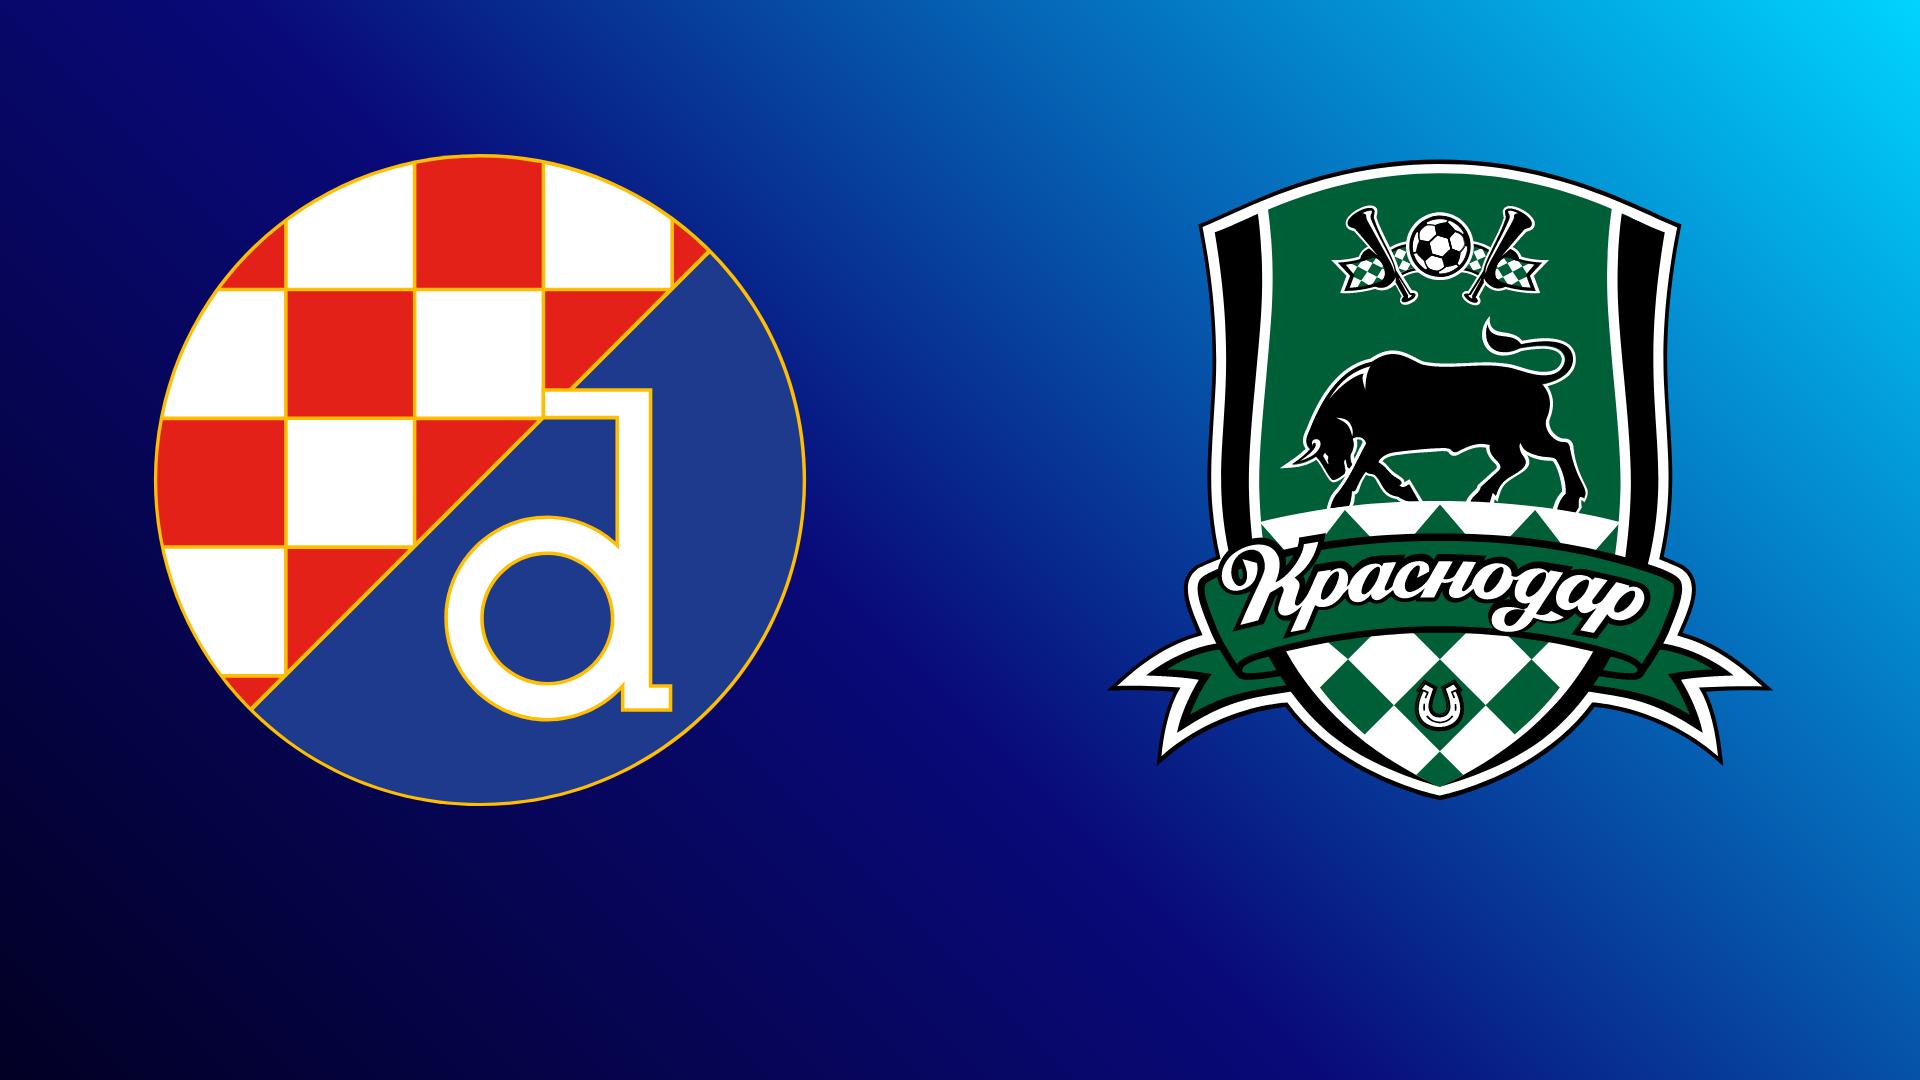 Dinamo Zagreb - Krasnodar 25.02.2021 um 21:00 Uhr auf DAZN